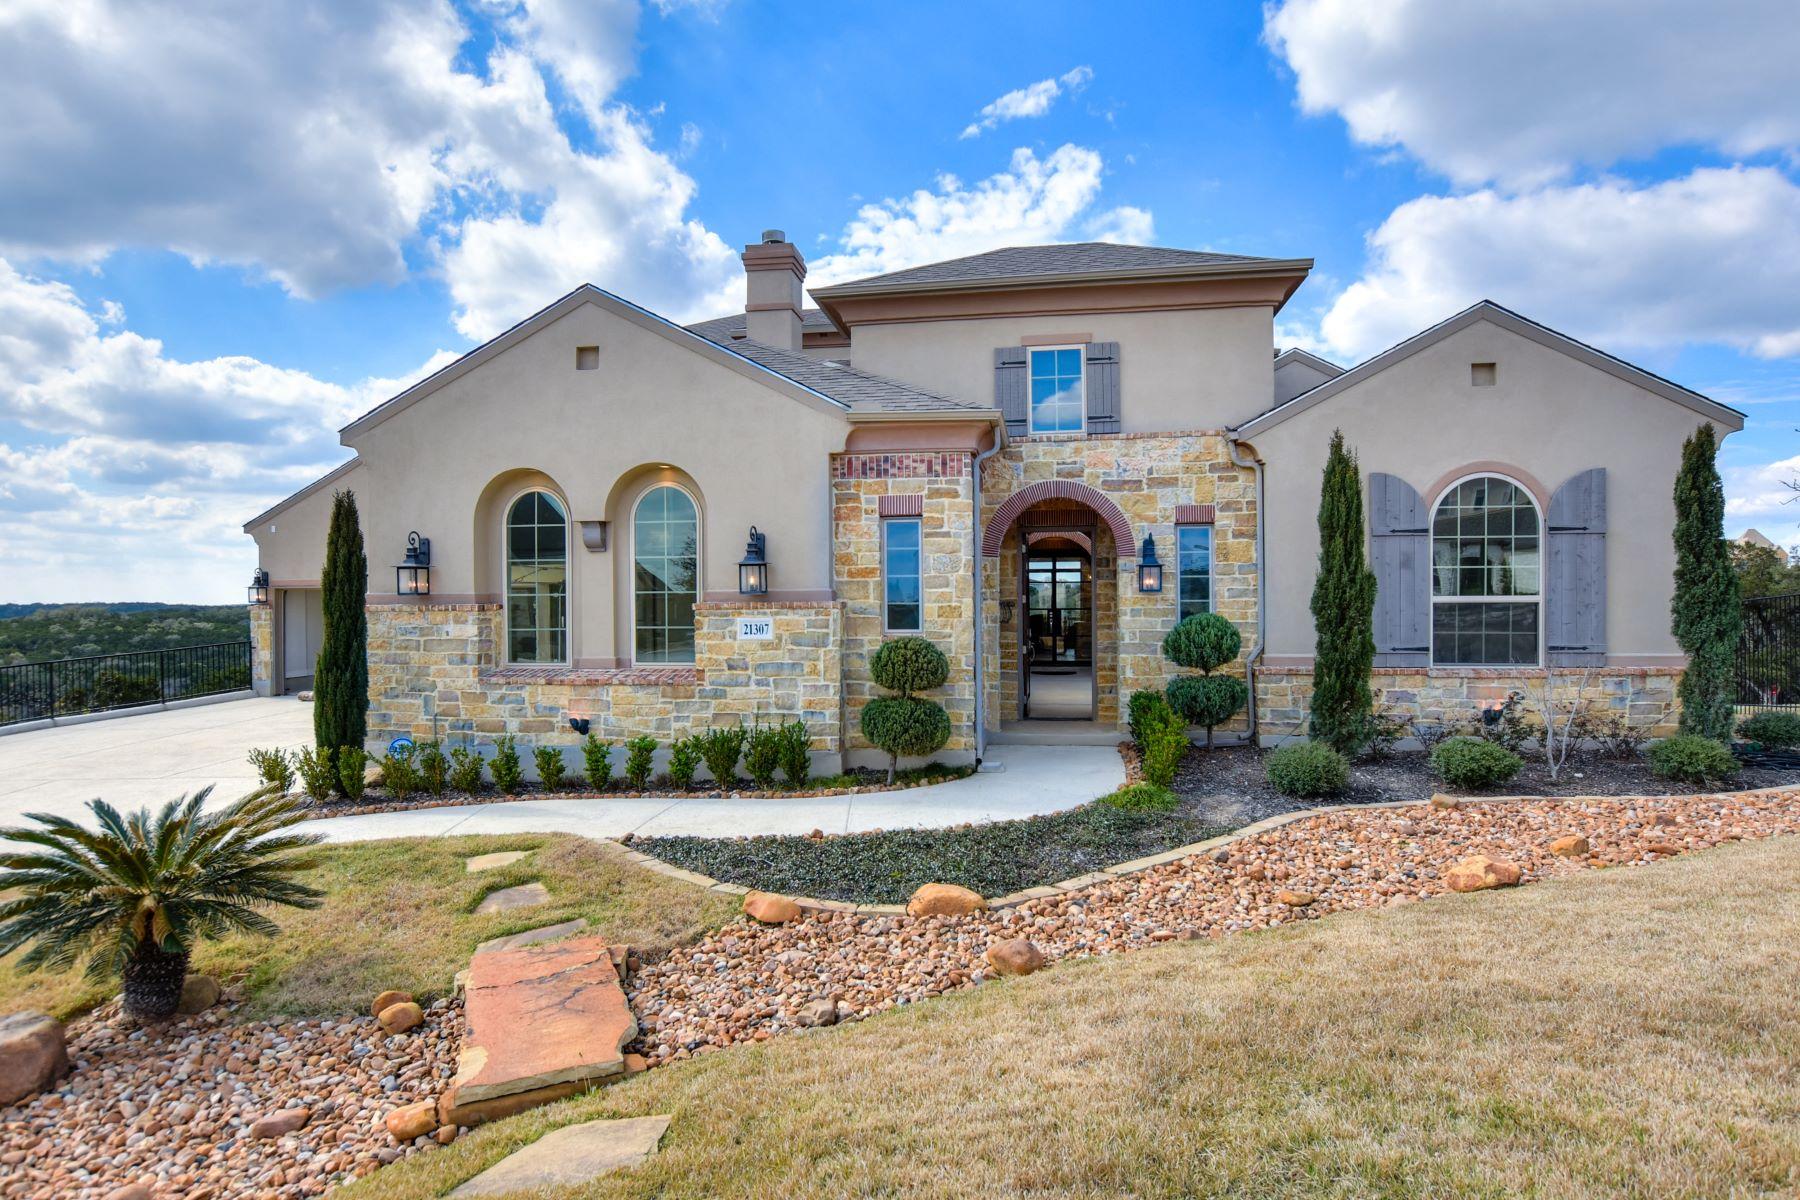 Частный односемейный дом для того Продажа на Spectacular Hill Country Estate 21307 Rembrandt Hill, San Antonio, Техас, 78256 Соединенные Штаты